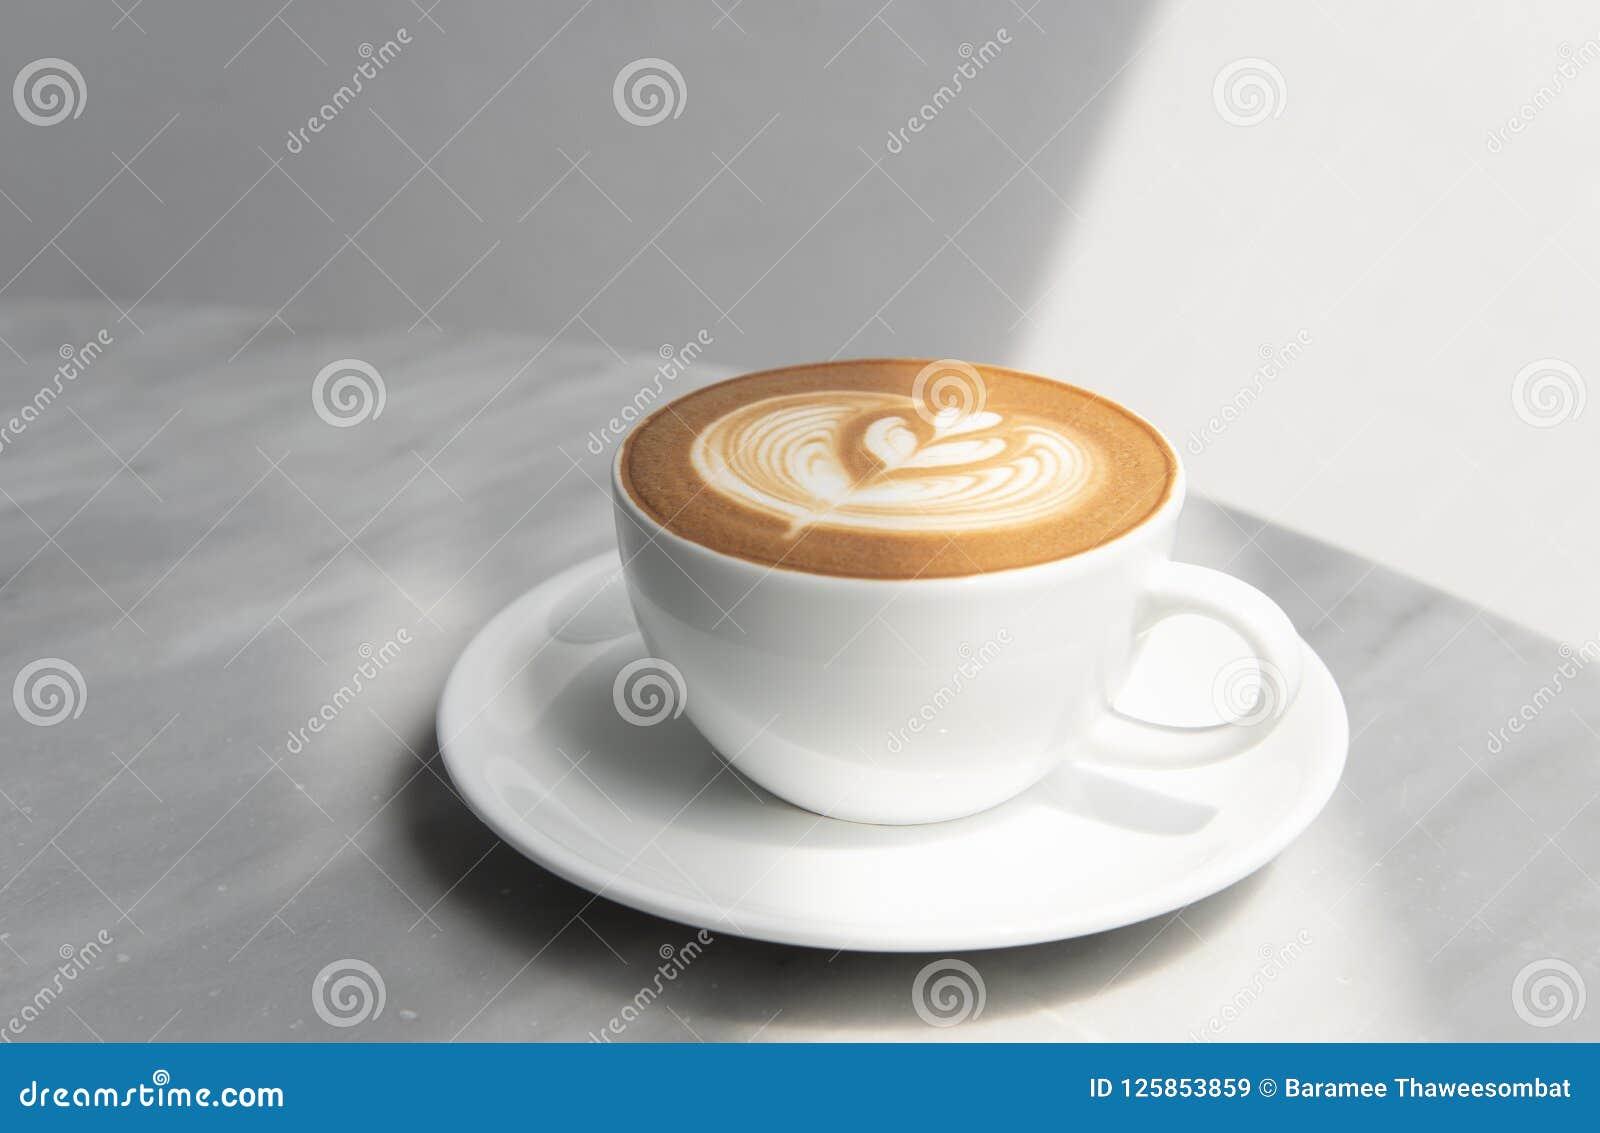 Latte oder Cappuccino mit schaumigem Schaum, Draufsicht der Kaffeetasse